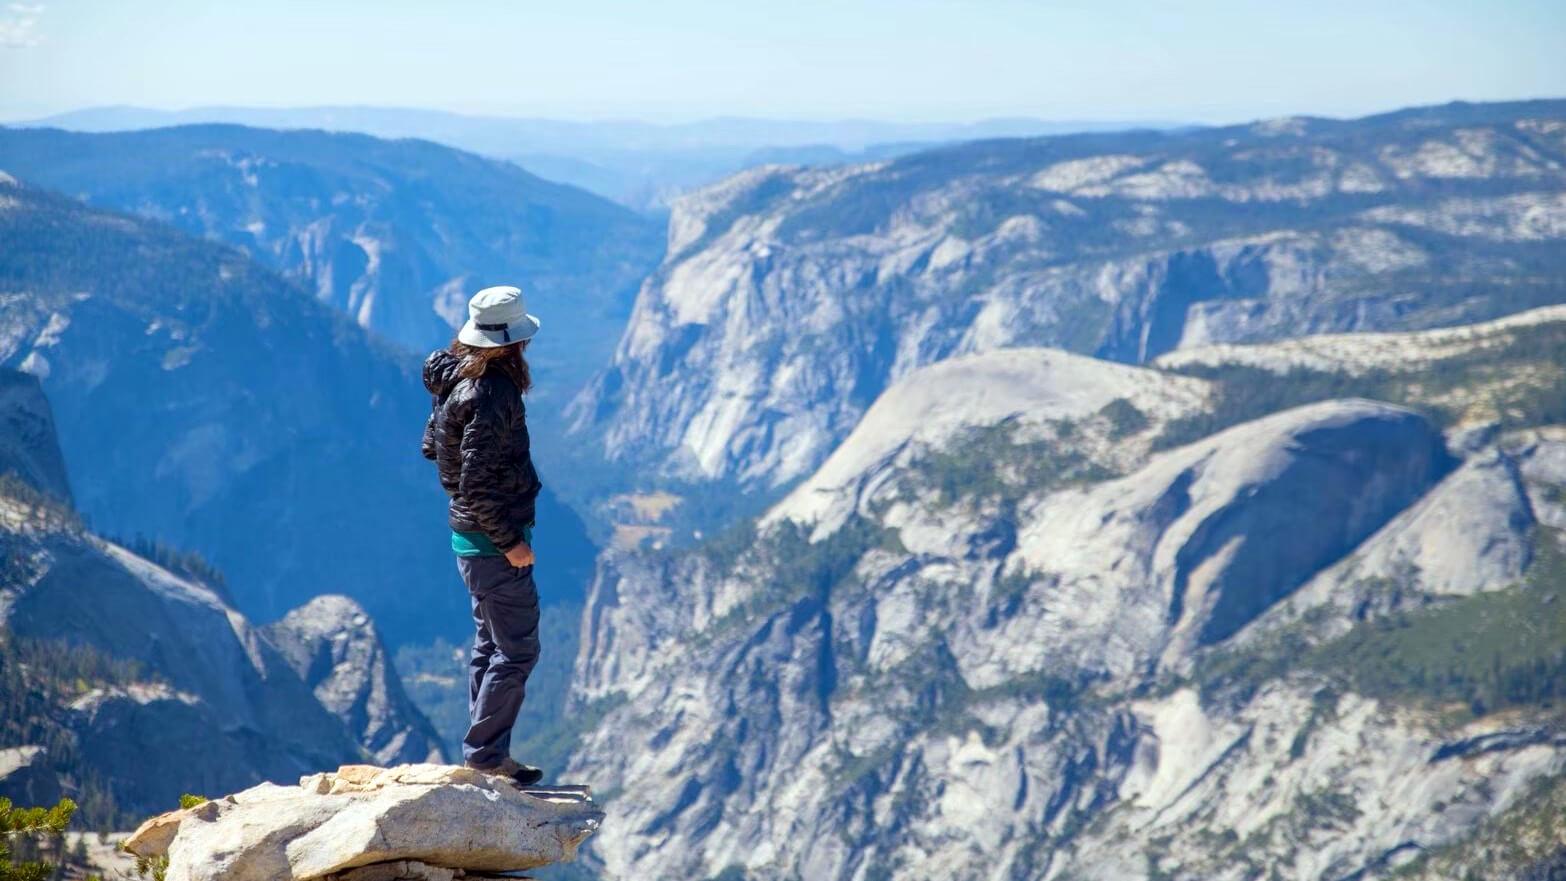 歩かずに死ねるか!アメリカ国立公園への旅(9)ボリューム満点!眼前に広がるヨセミテの360度大展望を独り占め クラウズレスト トレイル